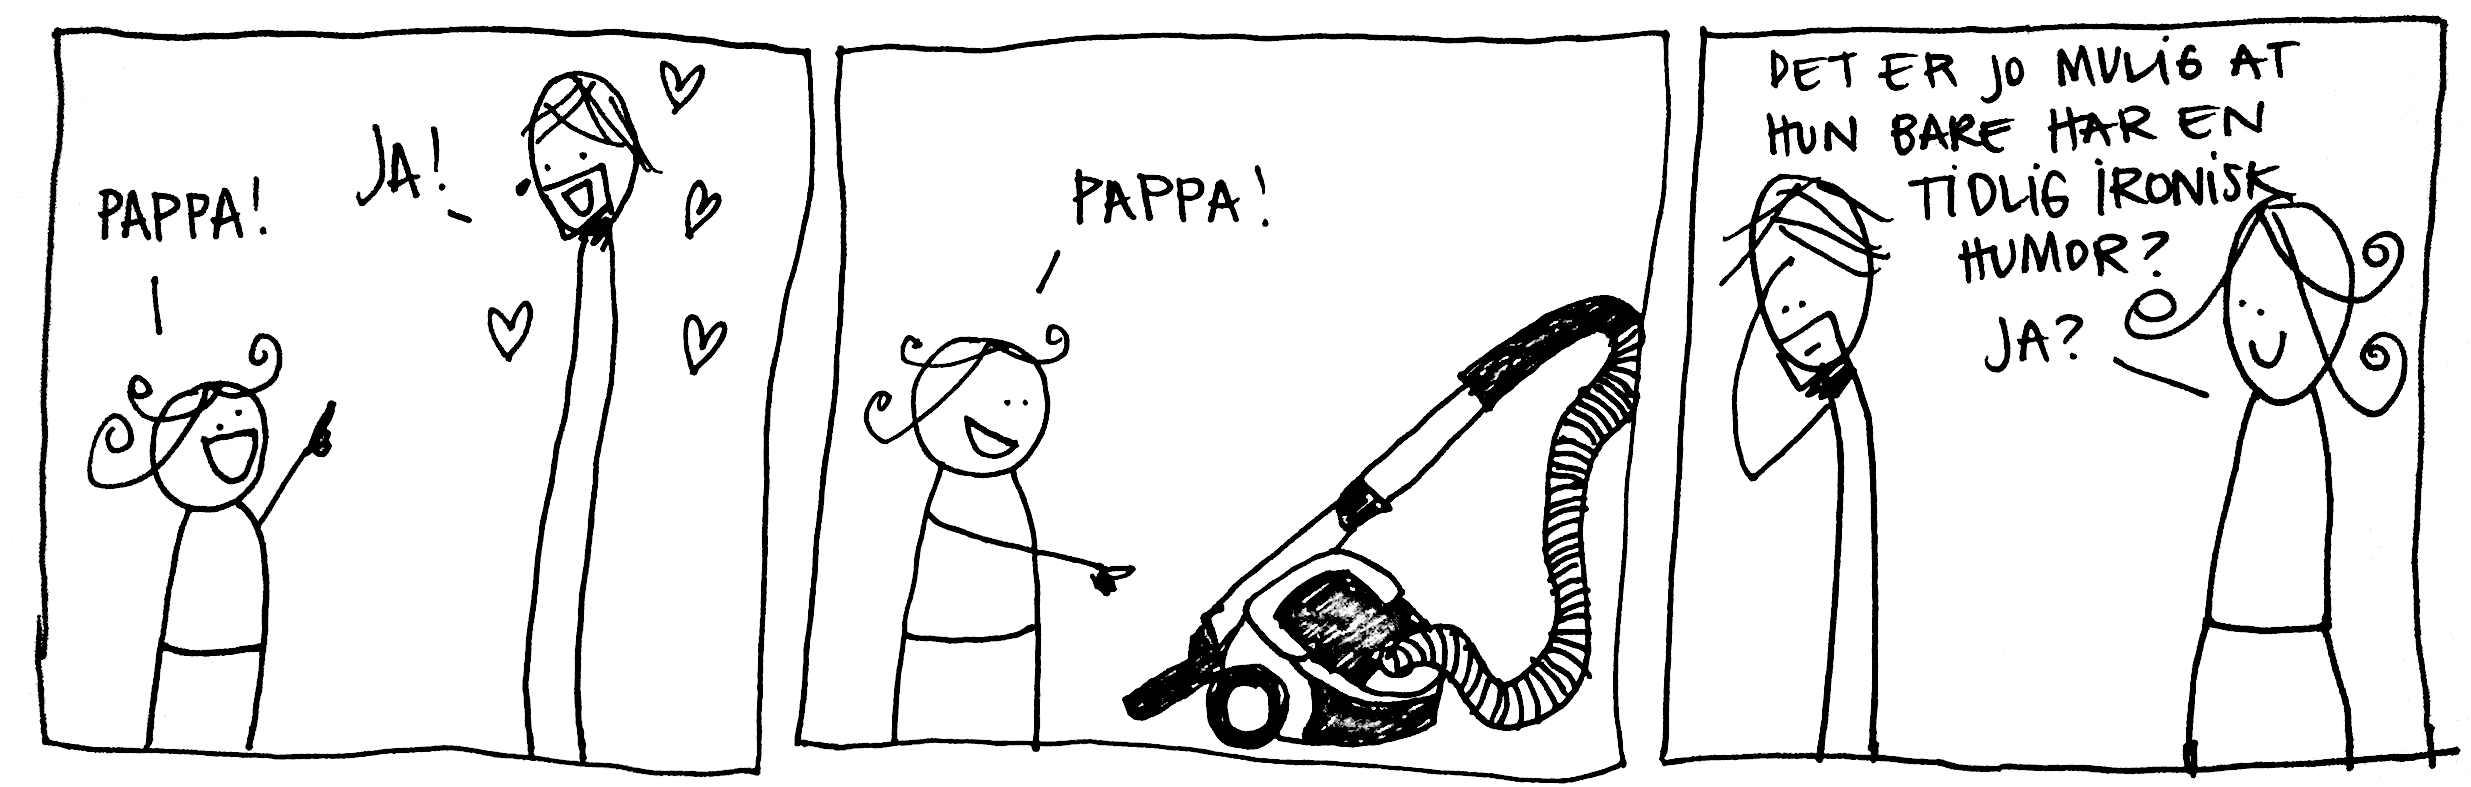 Pappa! Ja! Pappa! (støvsuger) Kanskje hun bare har en veldig tidlig utviklet ironisk humor?